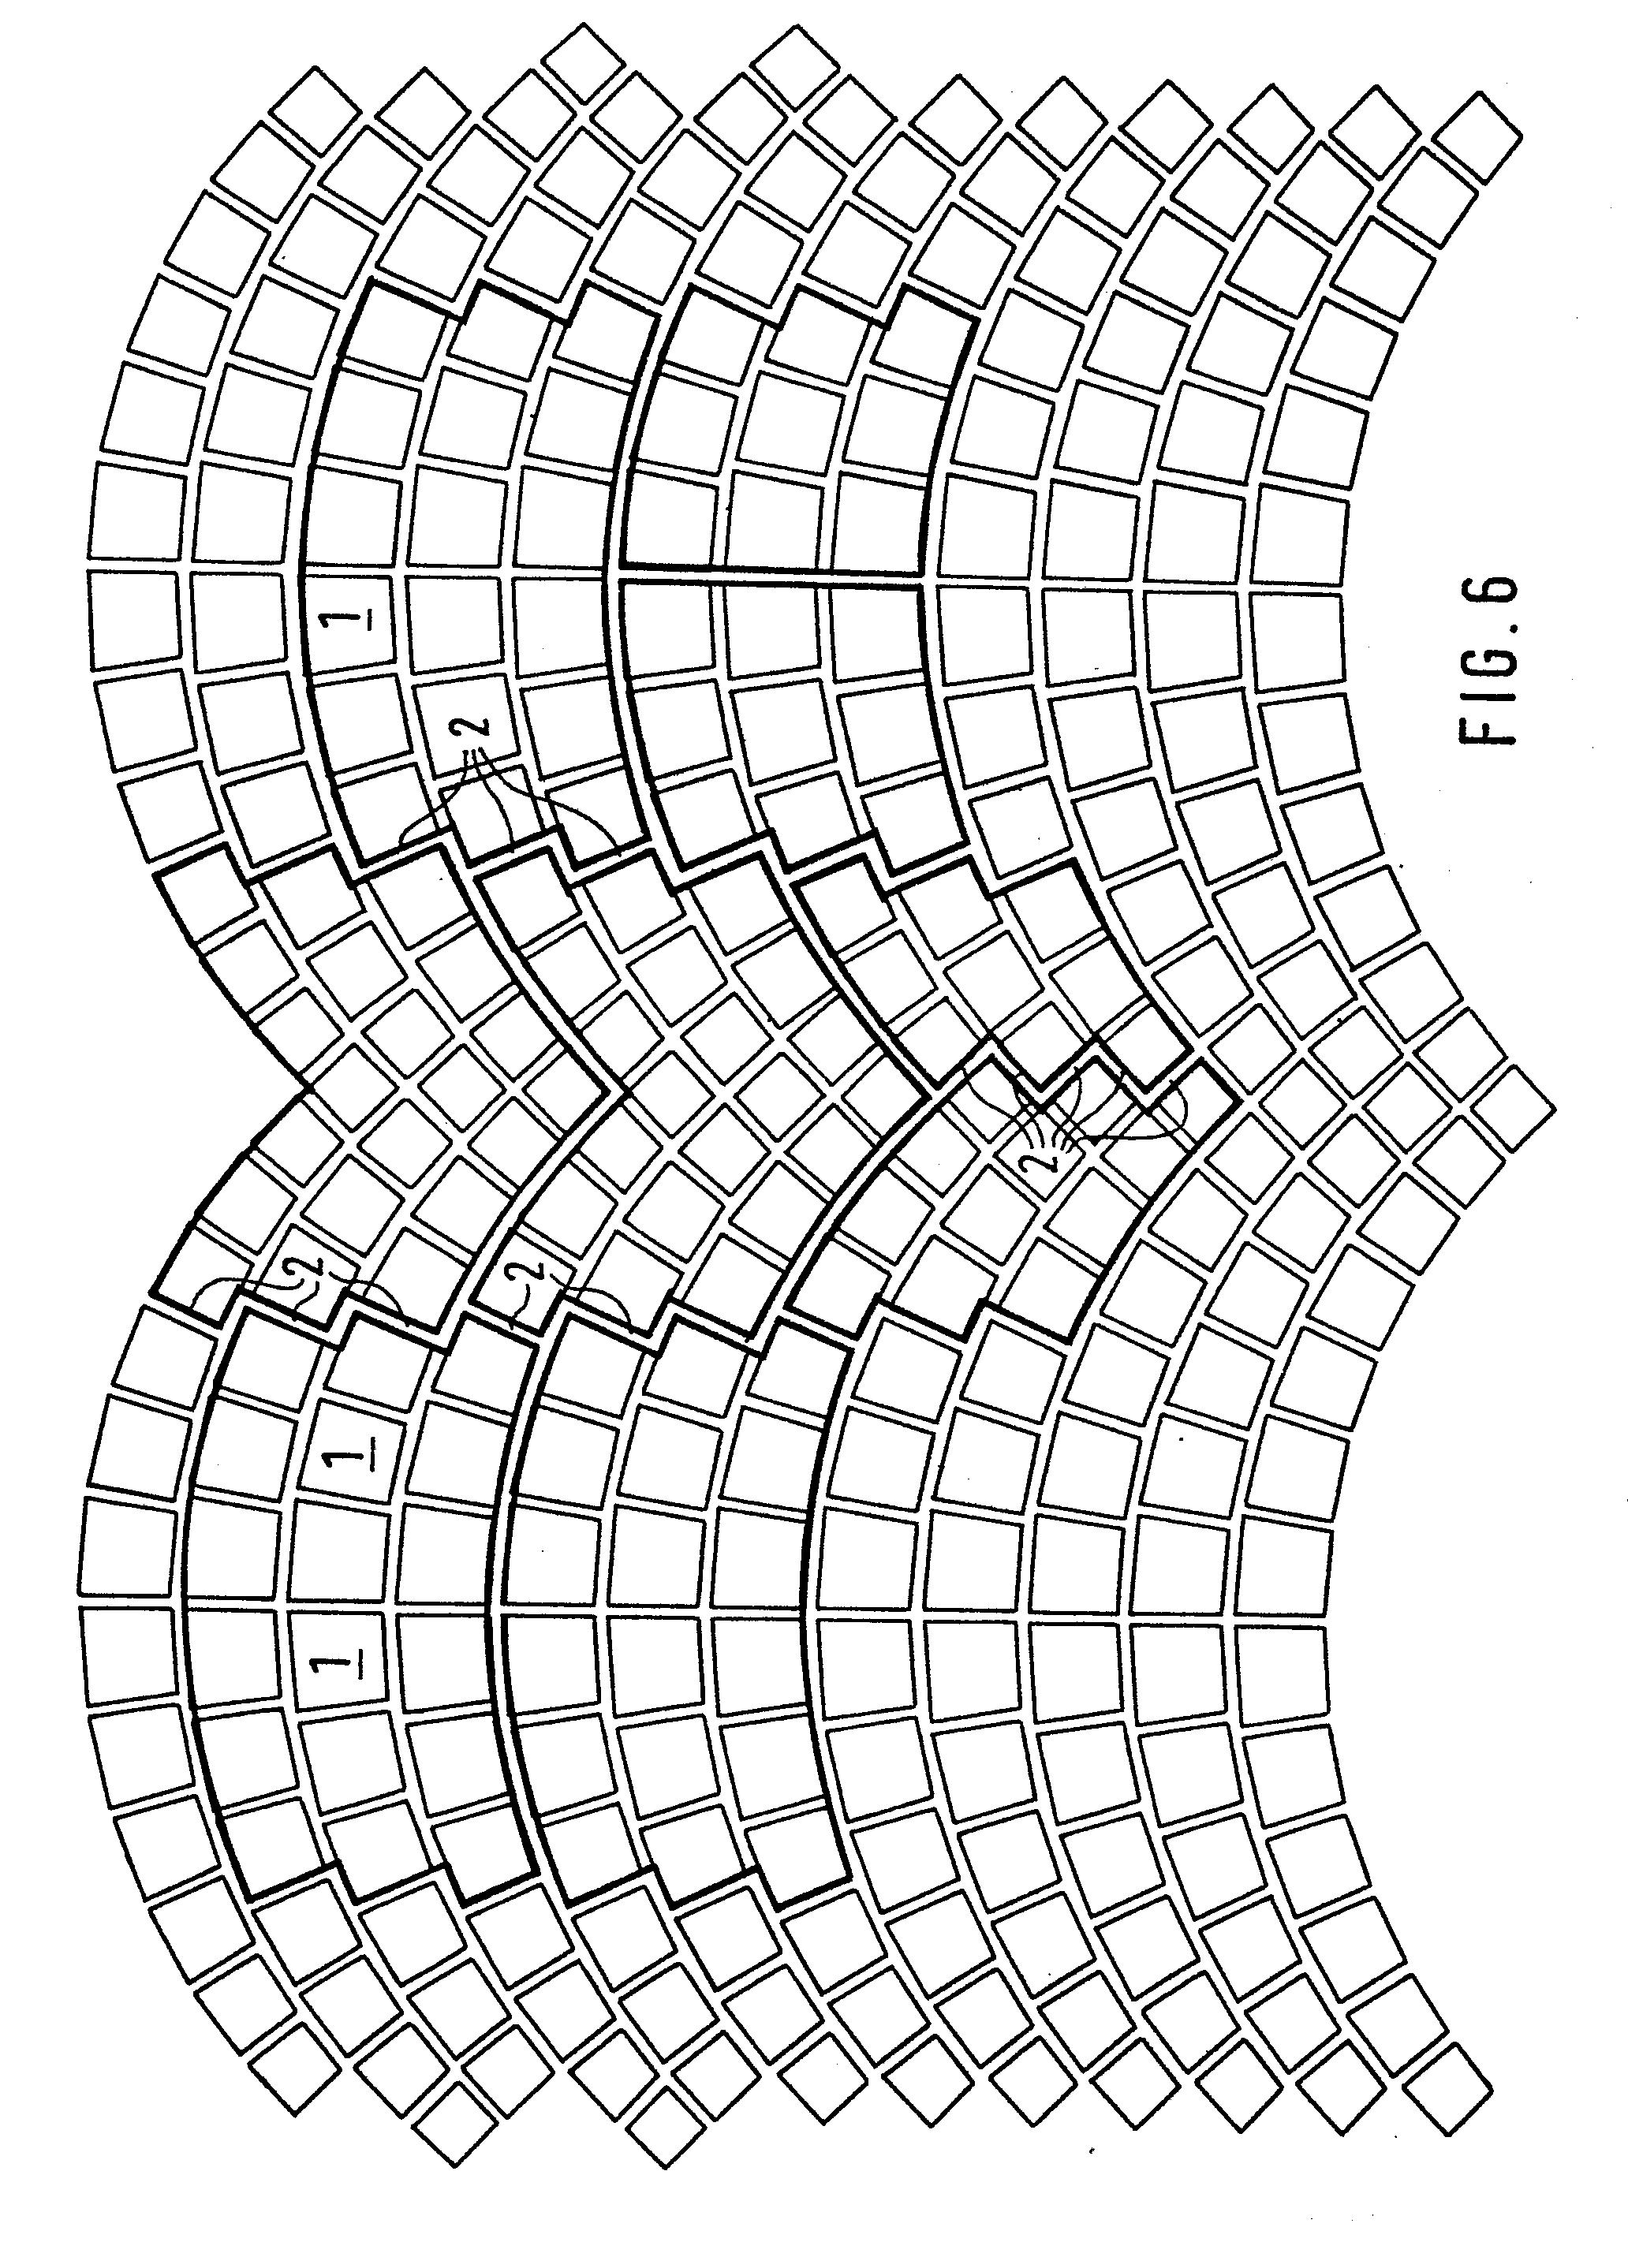 natursteinpflaster verfugen kleinpflaster auffahrt youtube pflastersteine verlegen und. Black Bedroom Furniture Sets. Home Design Ideas